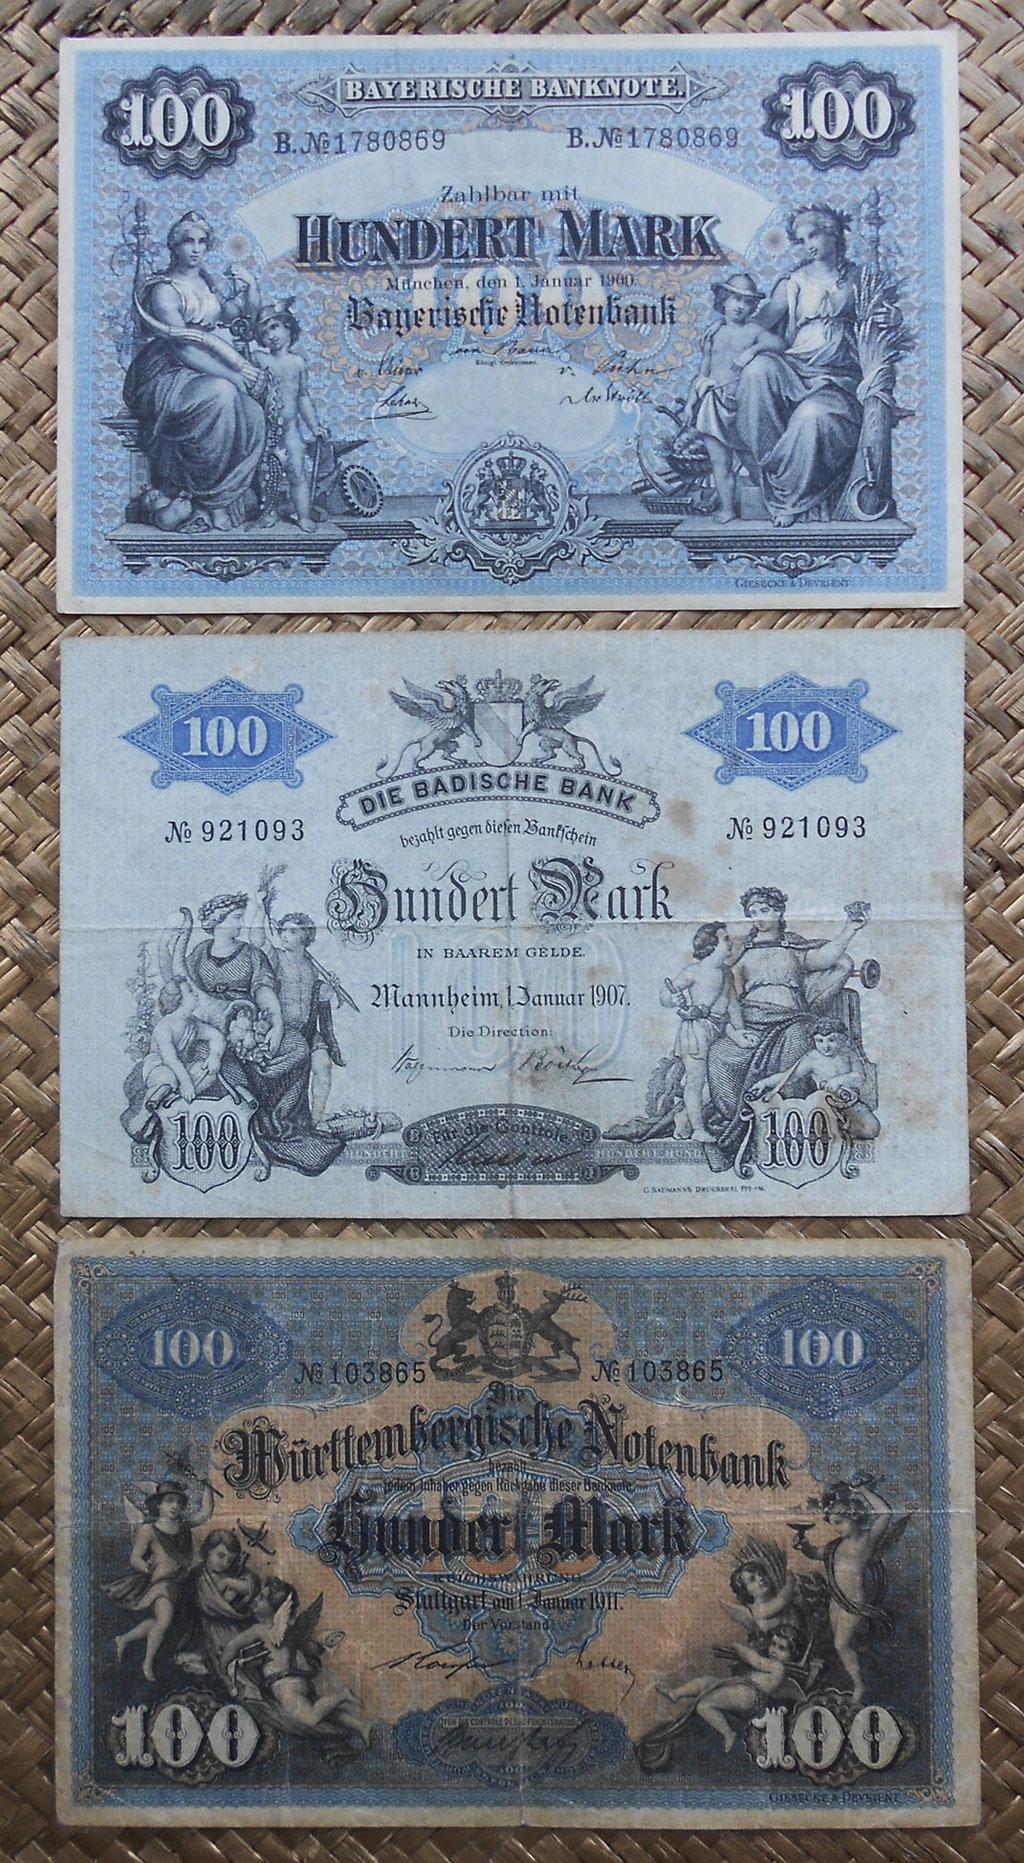 Alemania 100 mark 1900-1907-1911 Bayerische-Badische-Wurttemberg Notenbank anversos